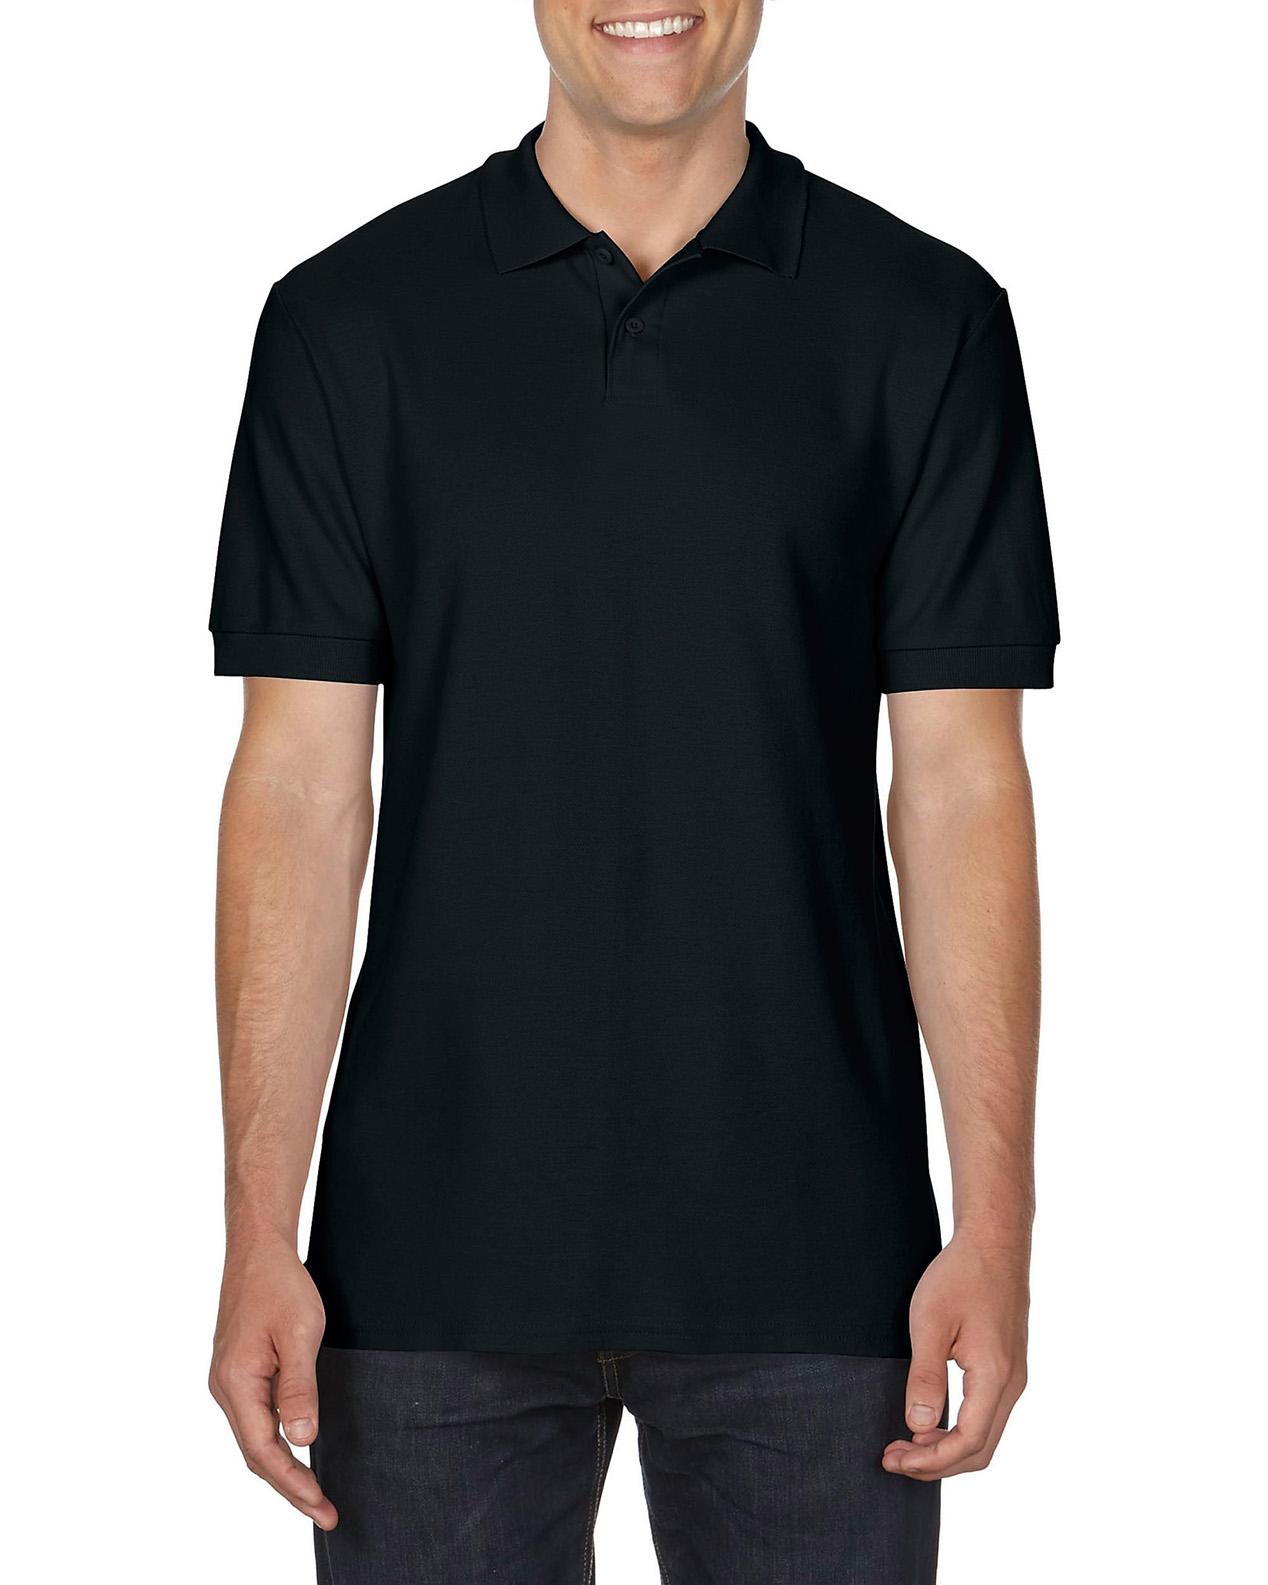 100 cotton Gildan polo shirt black